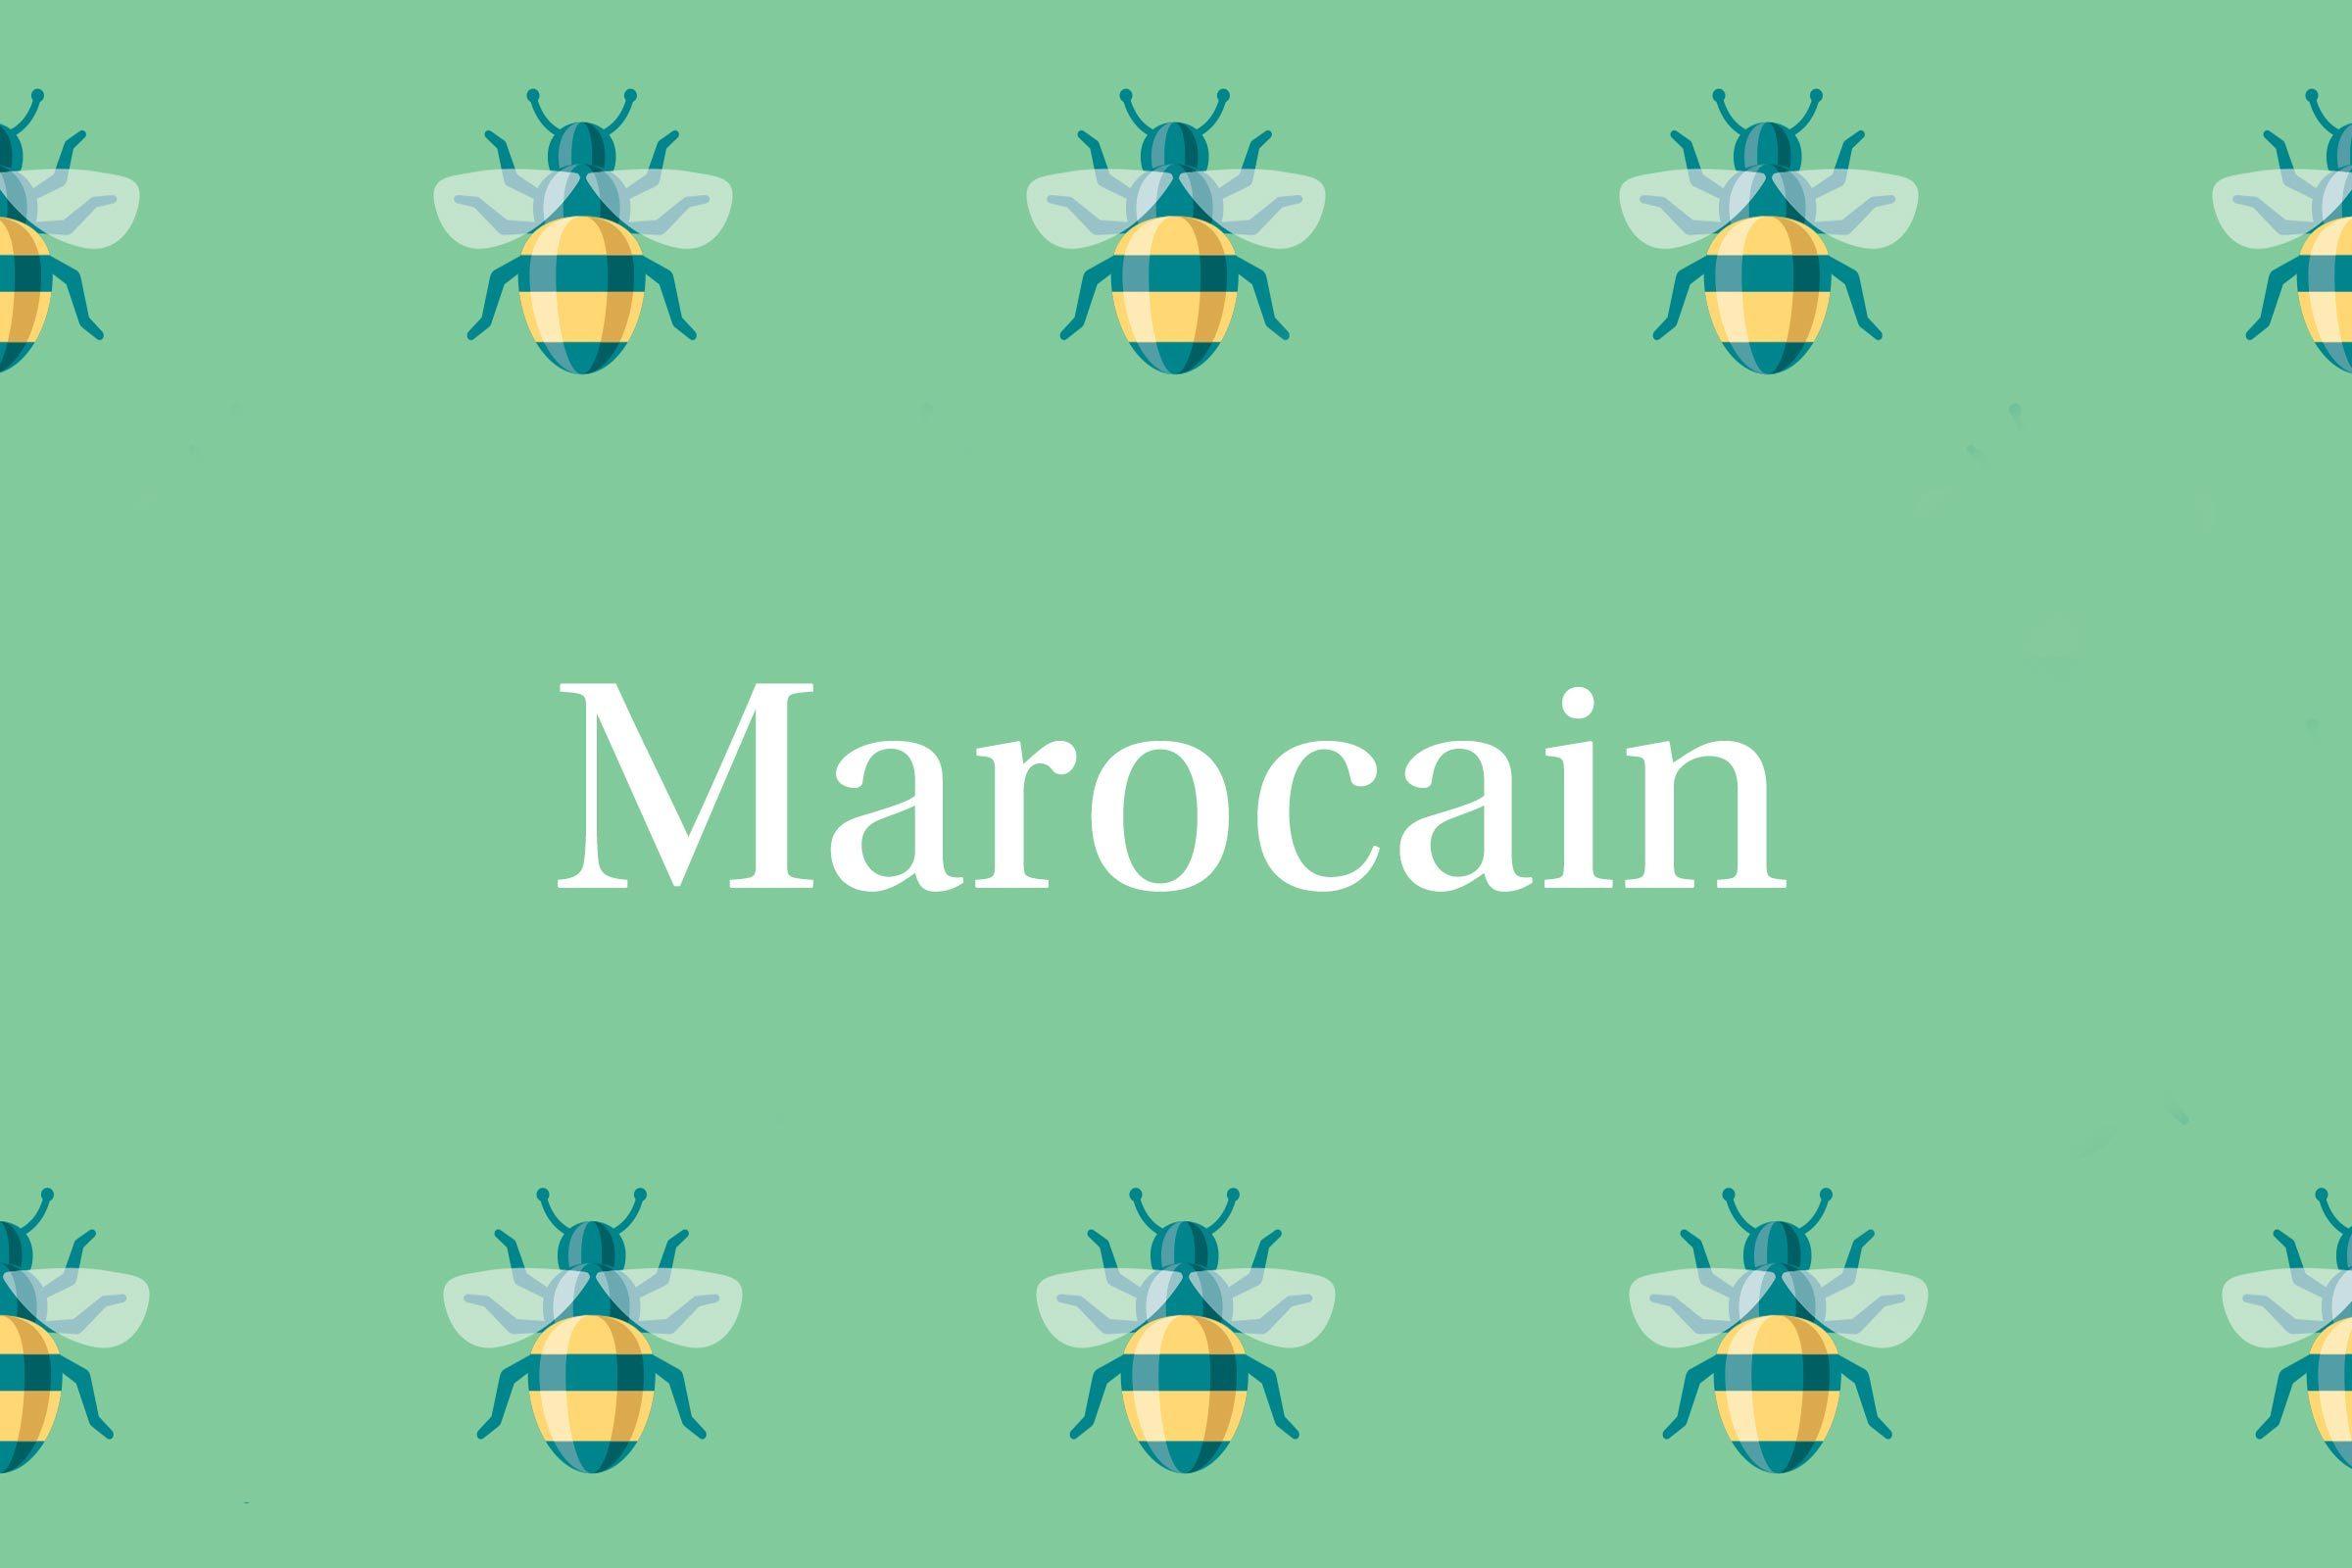 Marocain